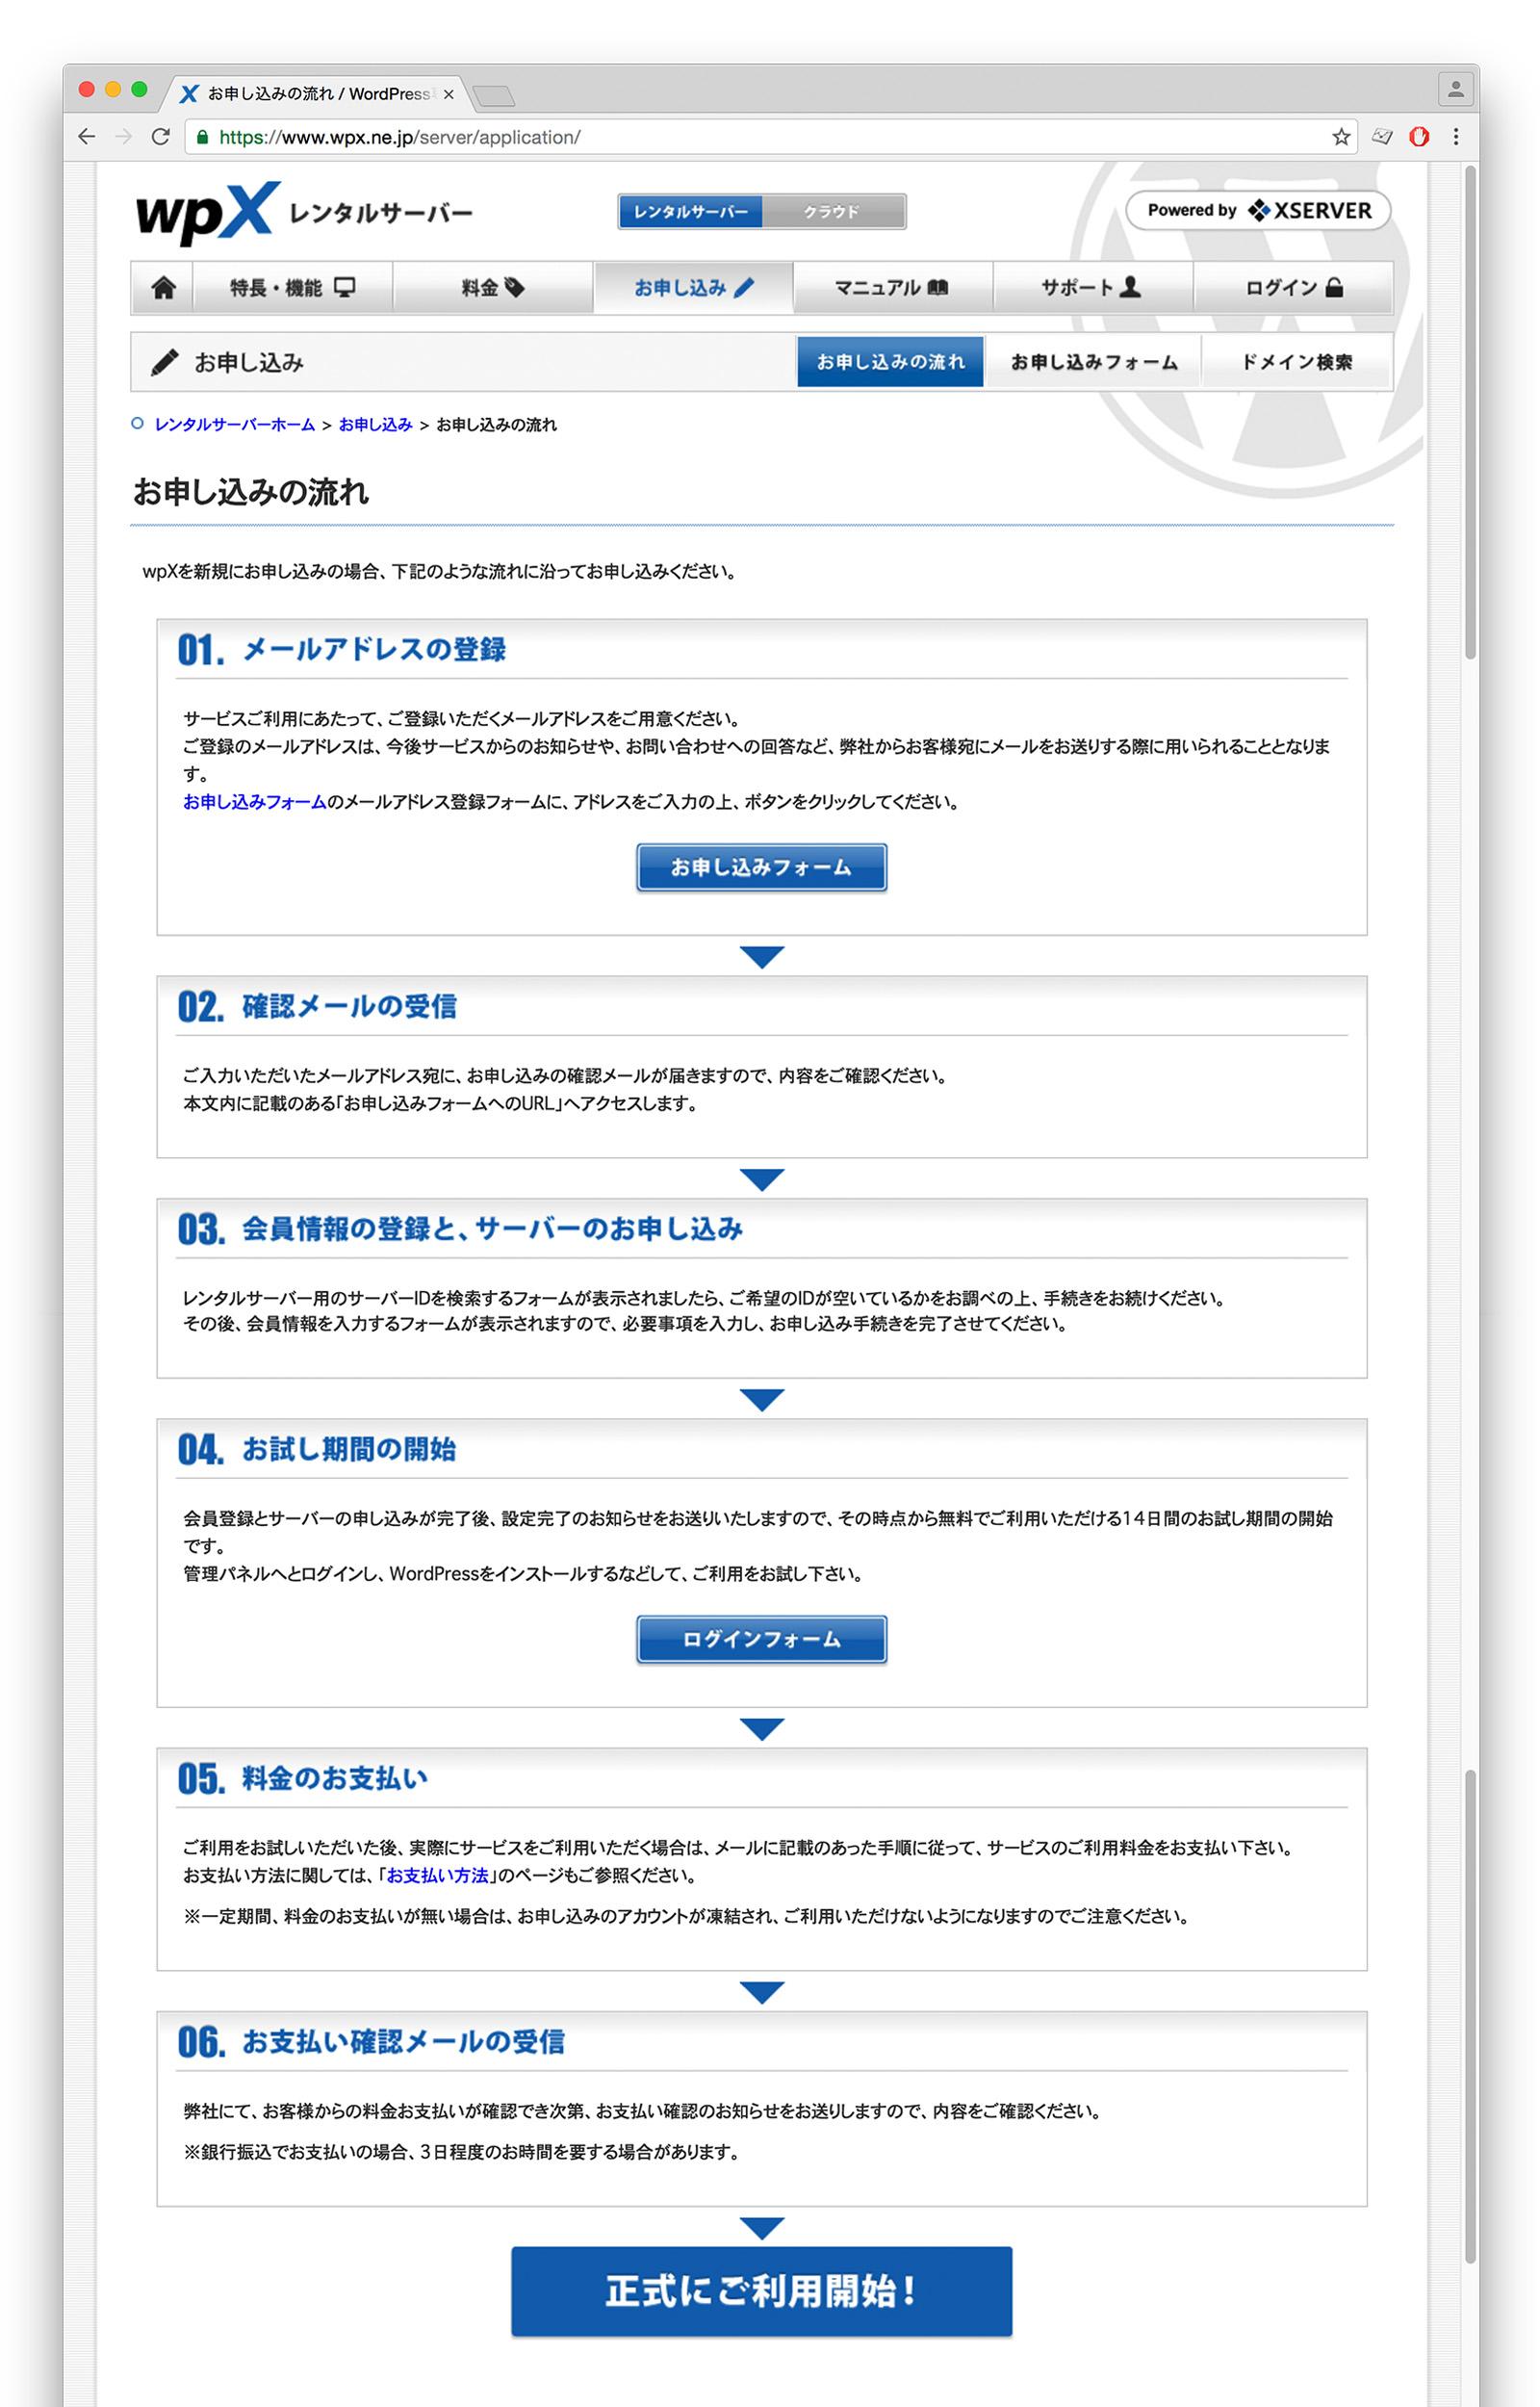 wpX 登録までの手順